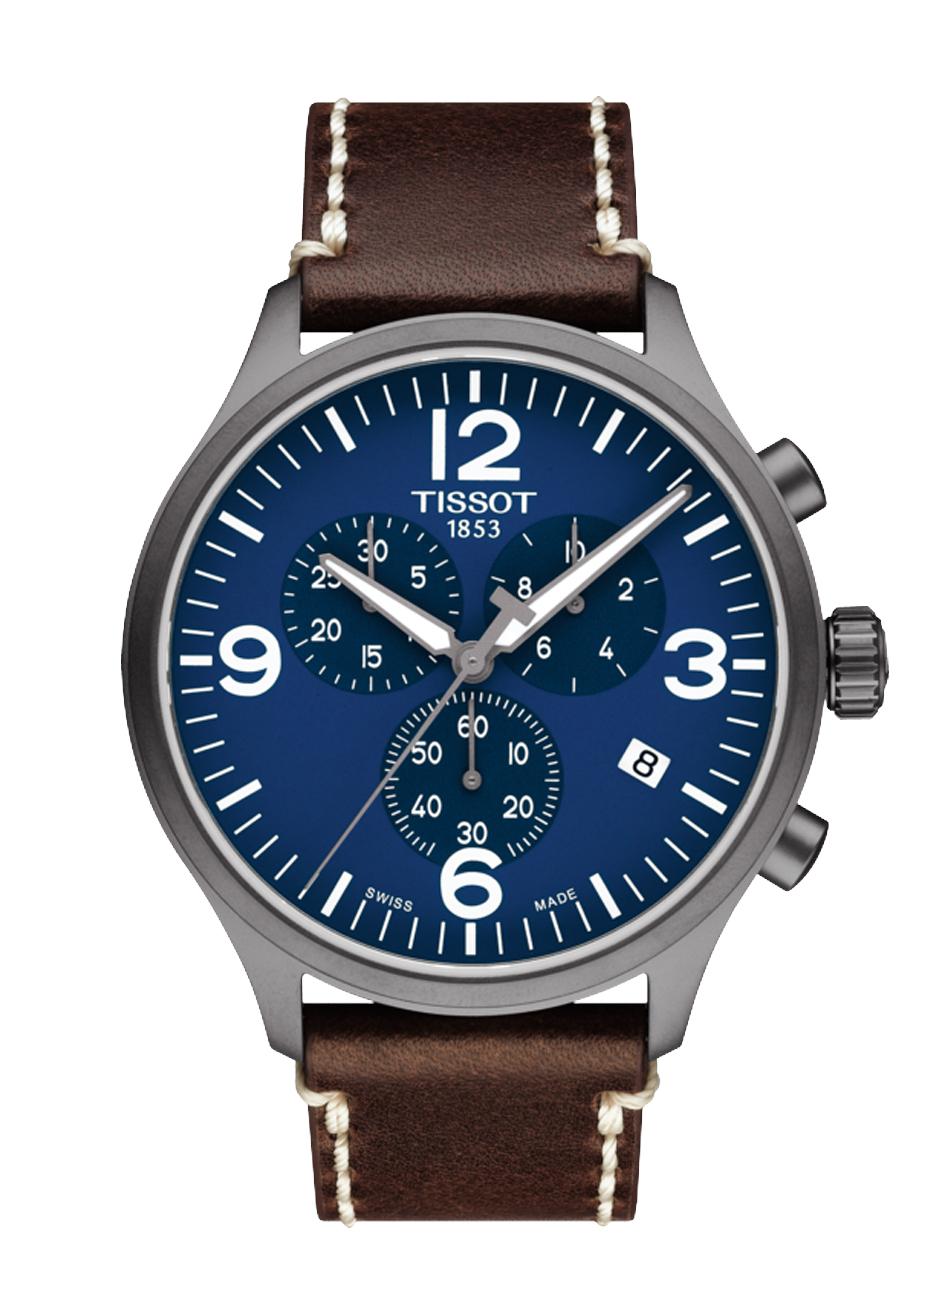 Tissot T-SPORT Chrono XL T116.617.36.047.00